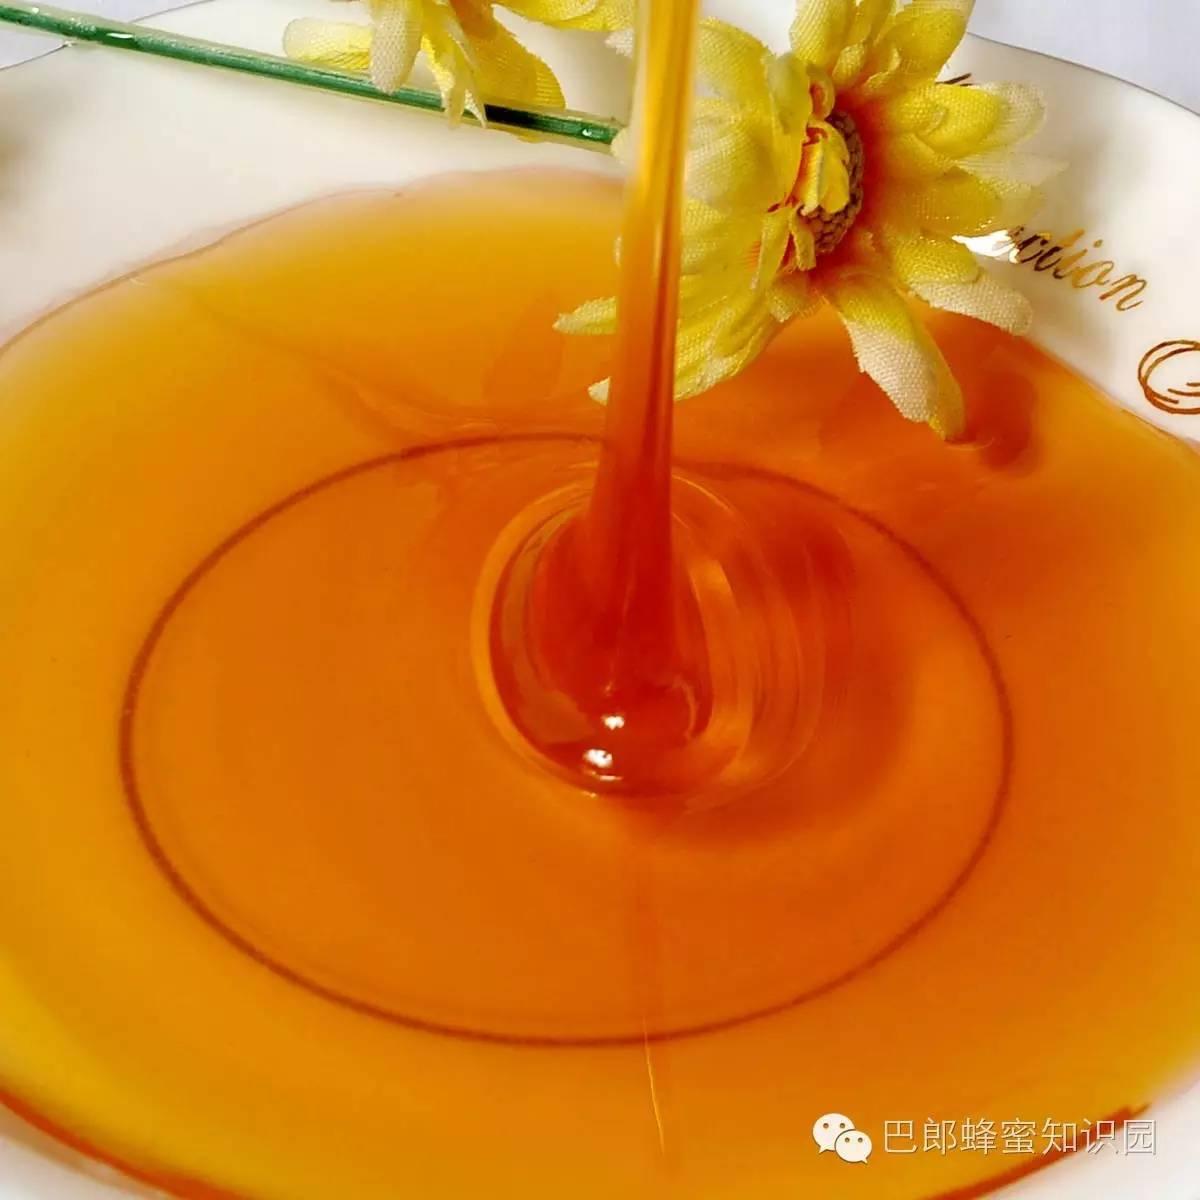 蜂蜜有什么功效 巢脾 特性 蜂蜜美白祛斑 蜂王浆